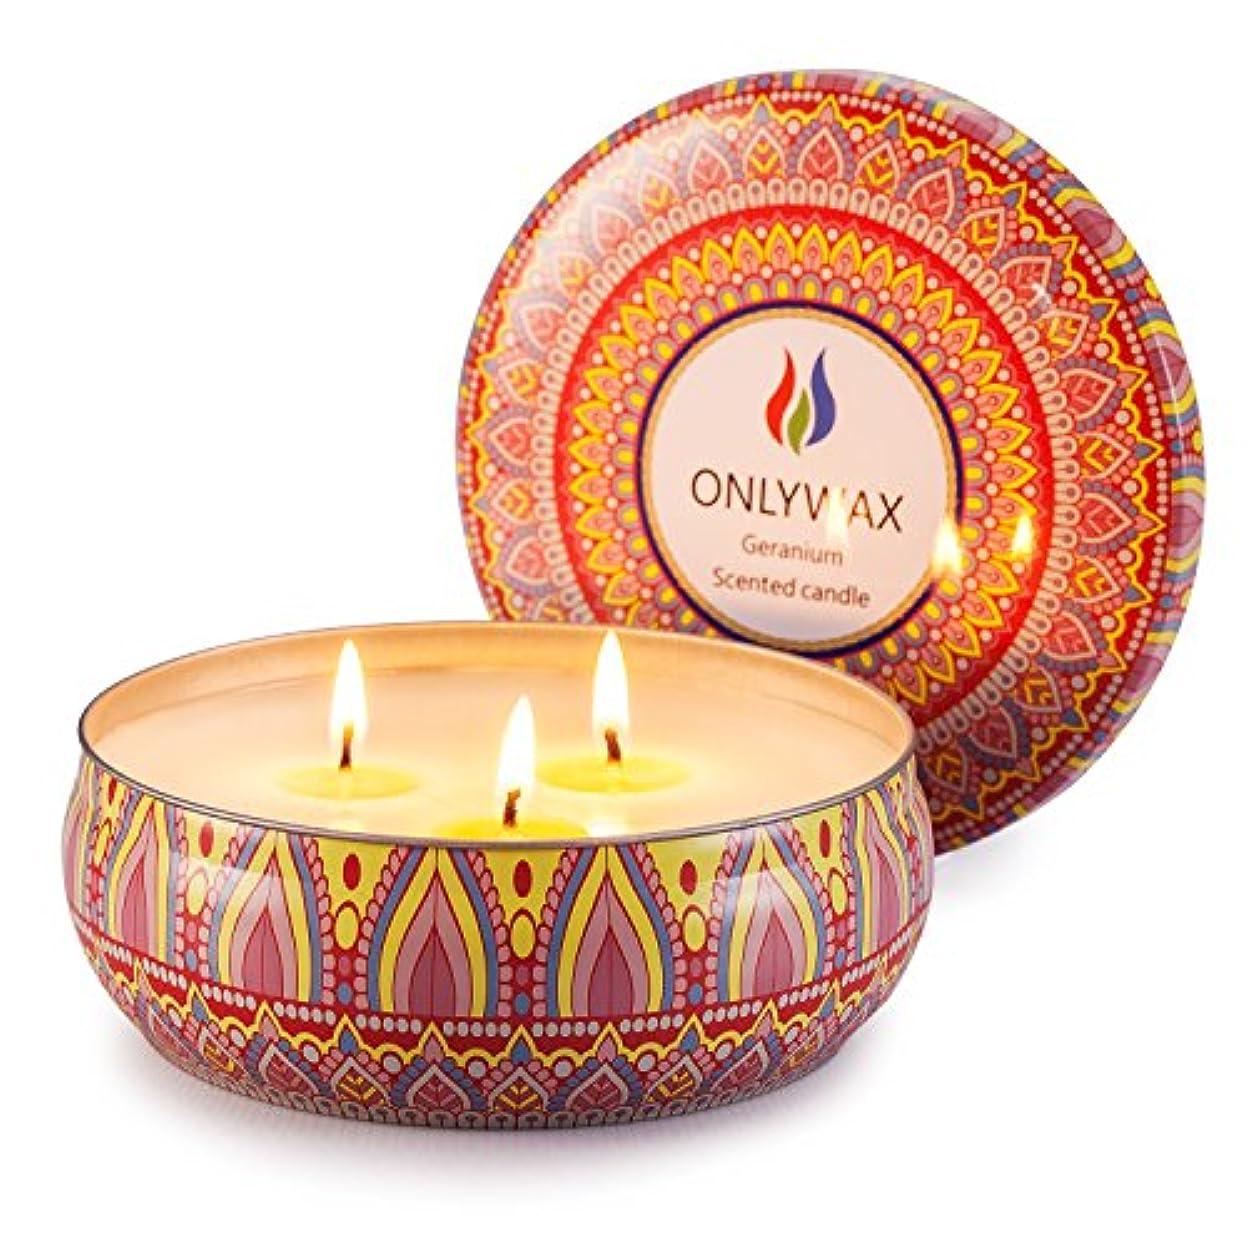 レコーダーレイア不忠Scented Candles Soy Wax 3 Wick Tin 70 Hour Burn,Essential Oils-for Stress Relief and Relaxation,Outdoor and Indoor